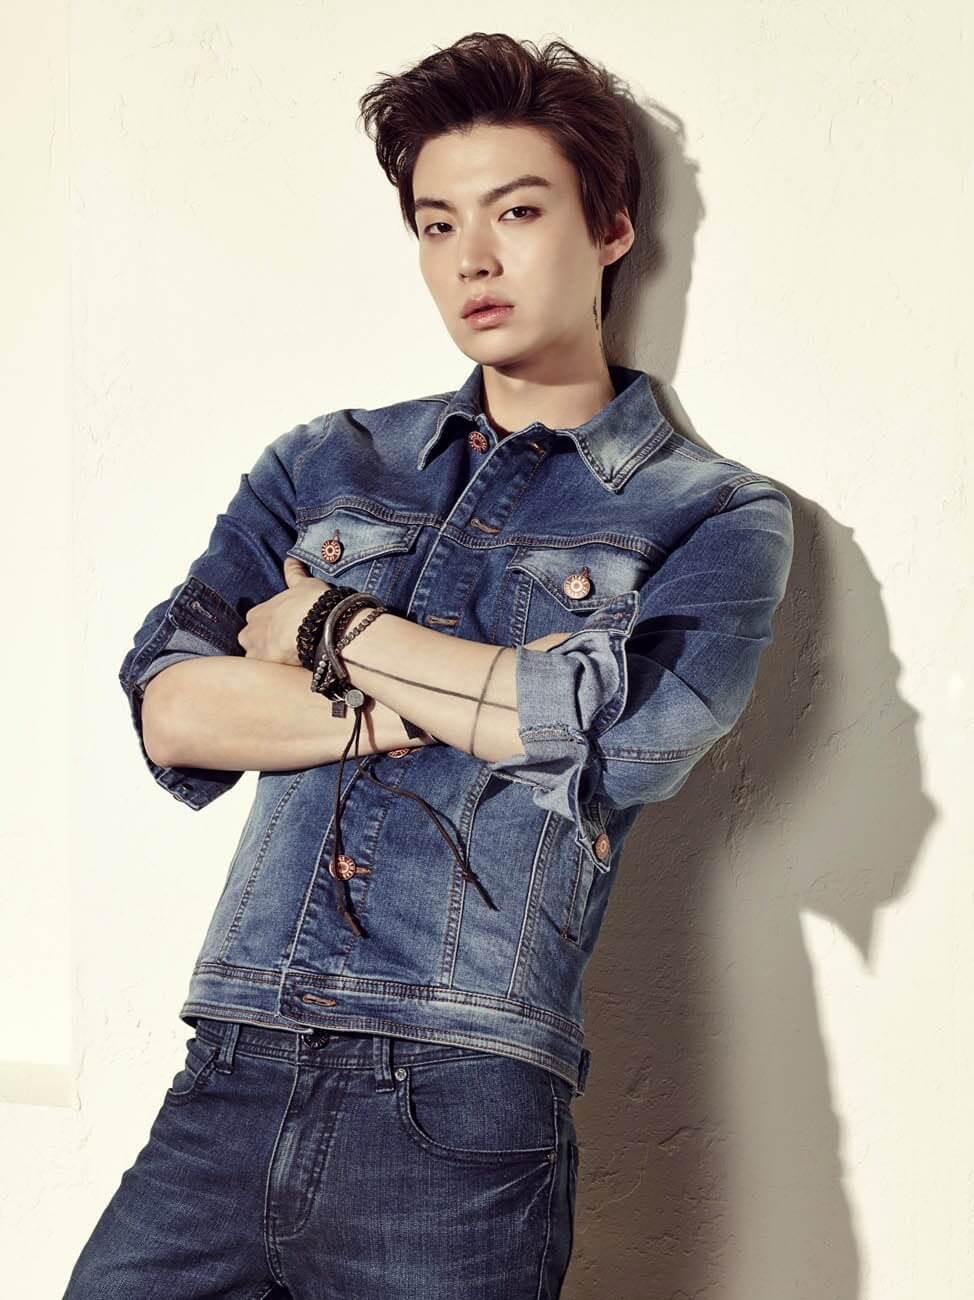 Ahn Jae Hyun wajib militer